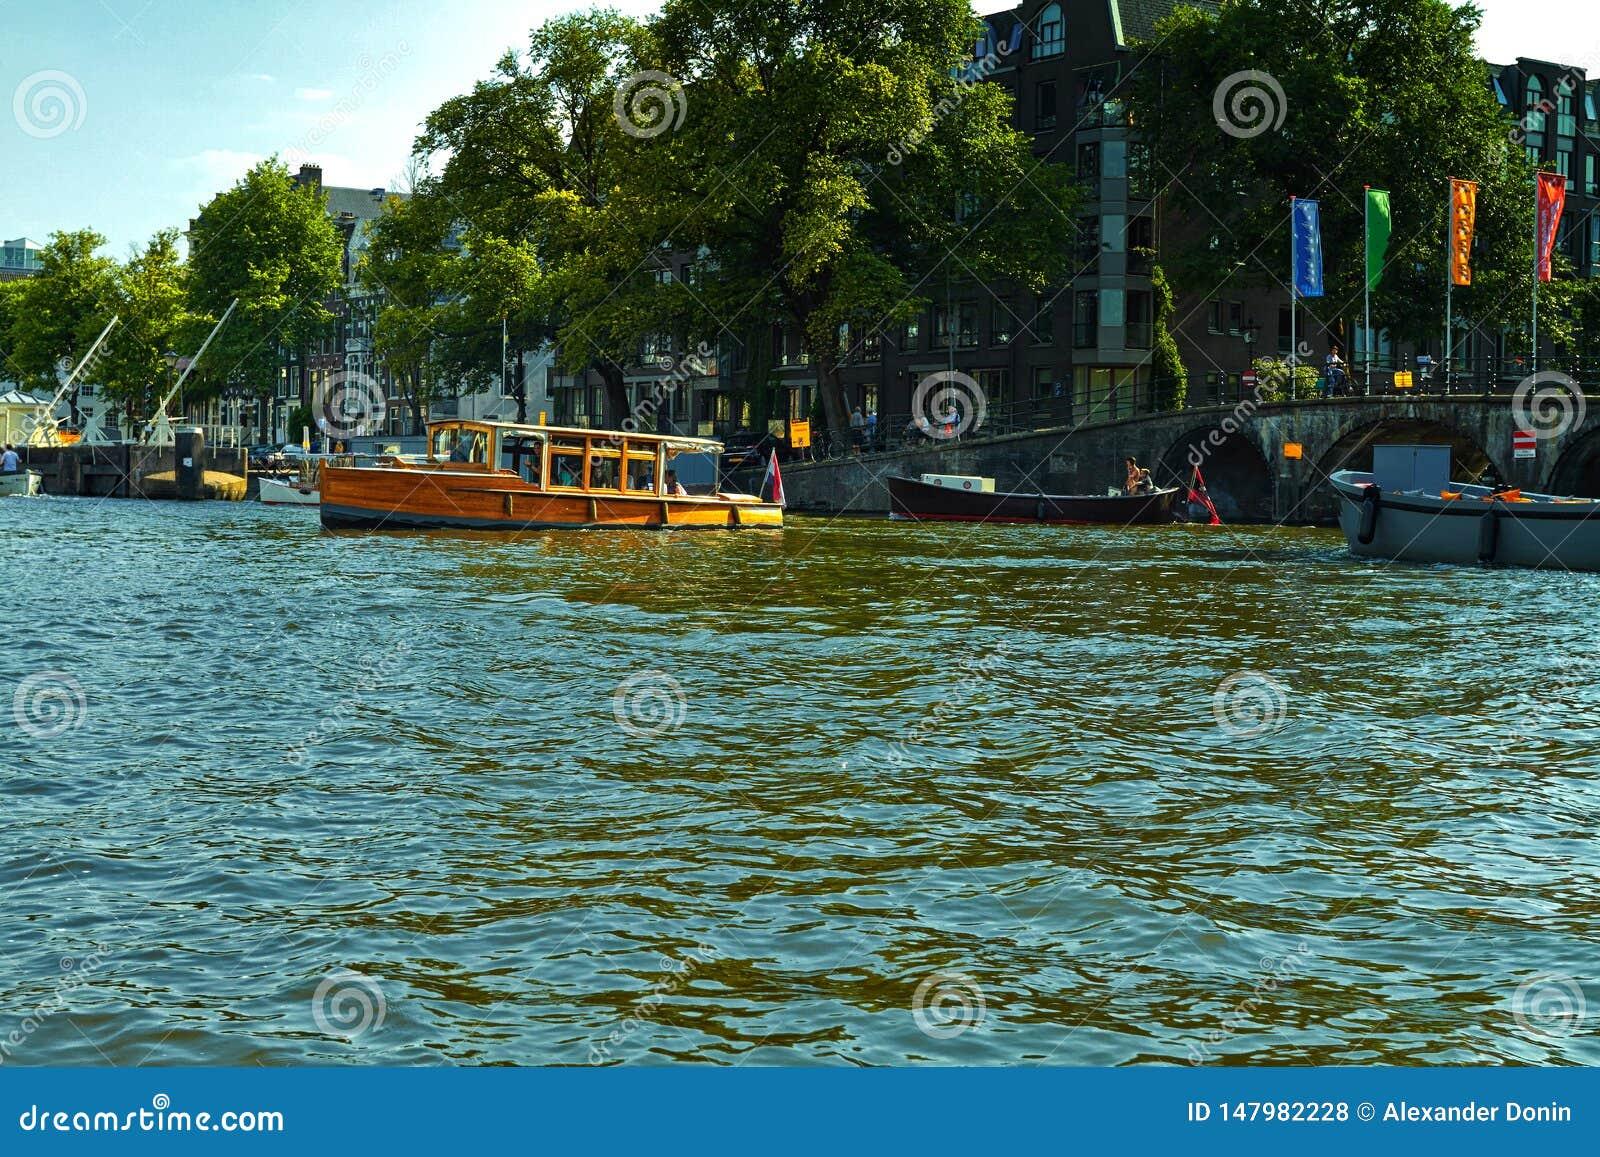 Kanäle und Boote von Amsterdam